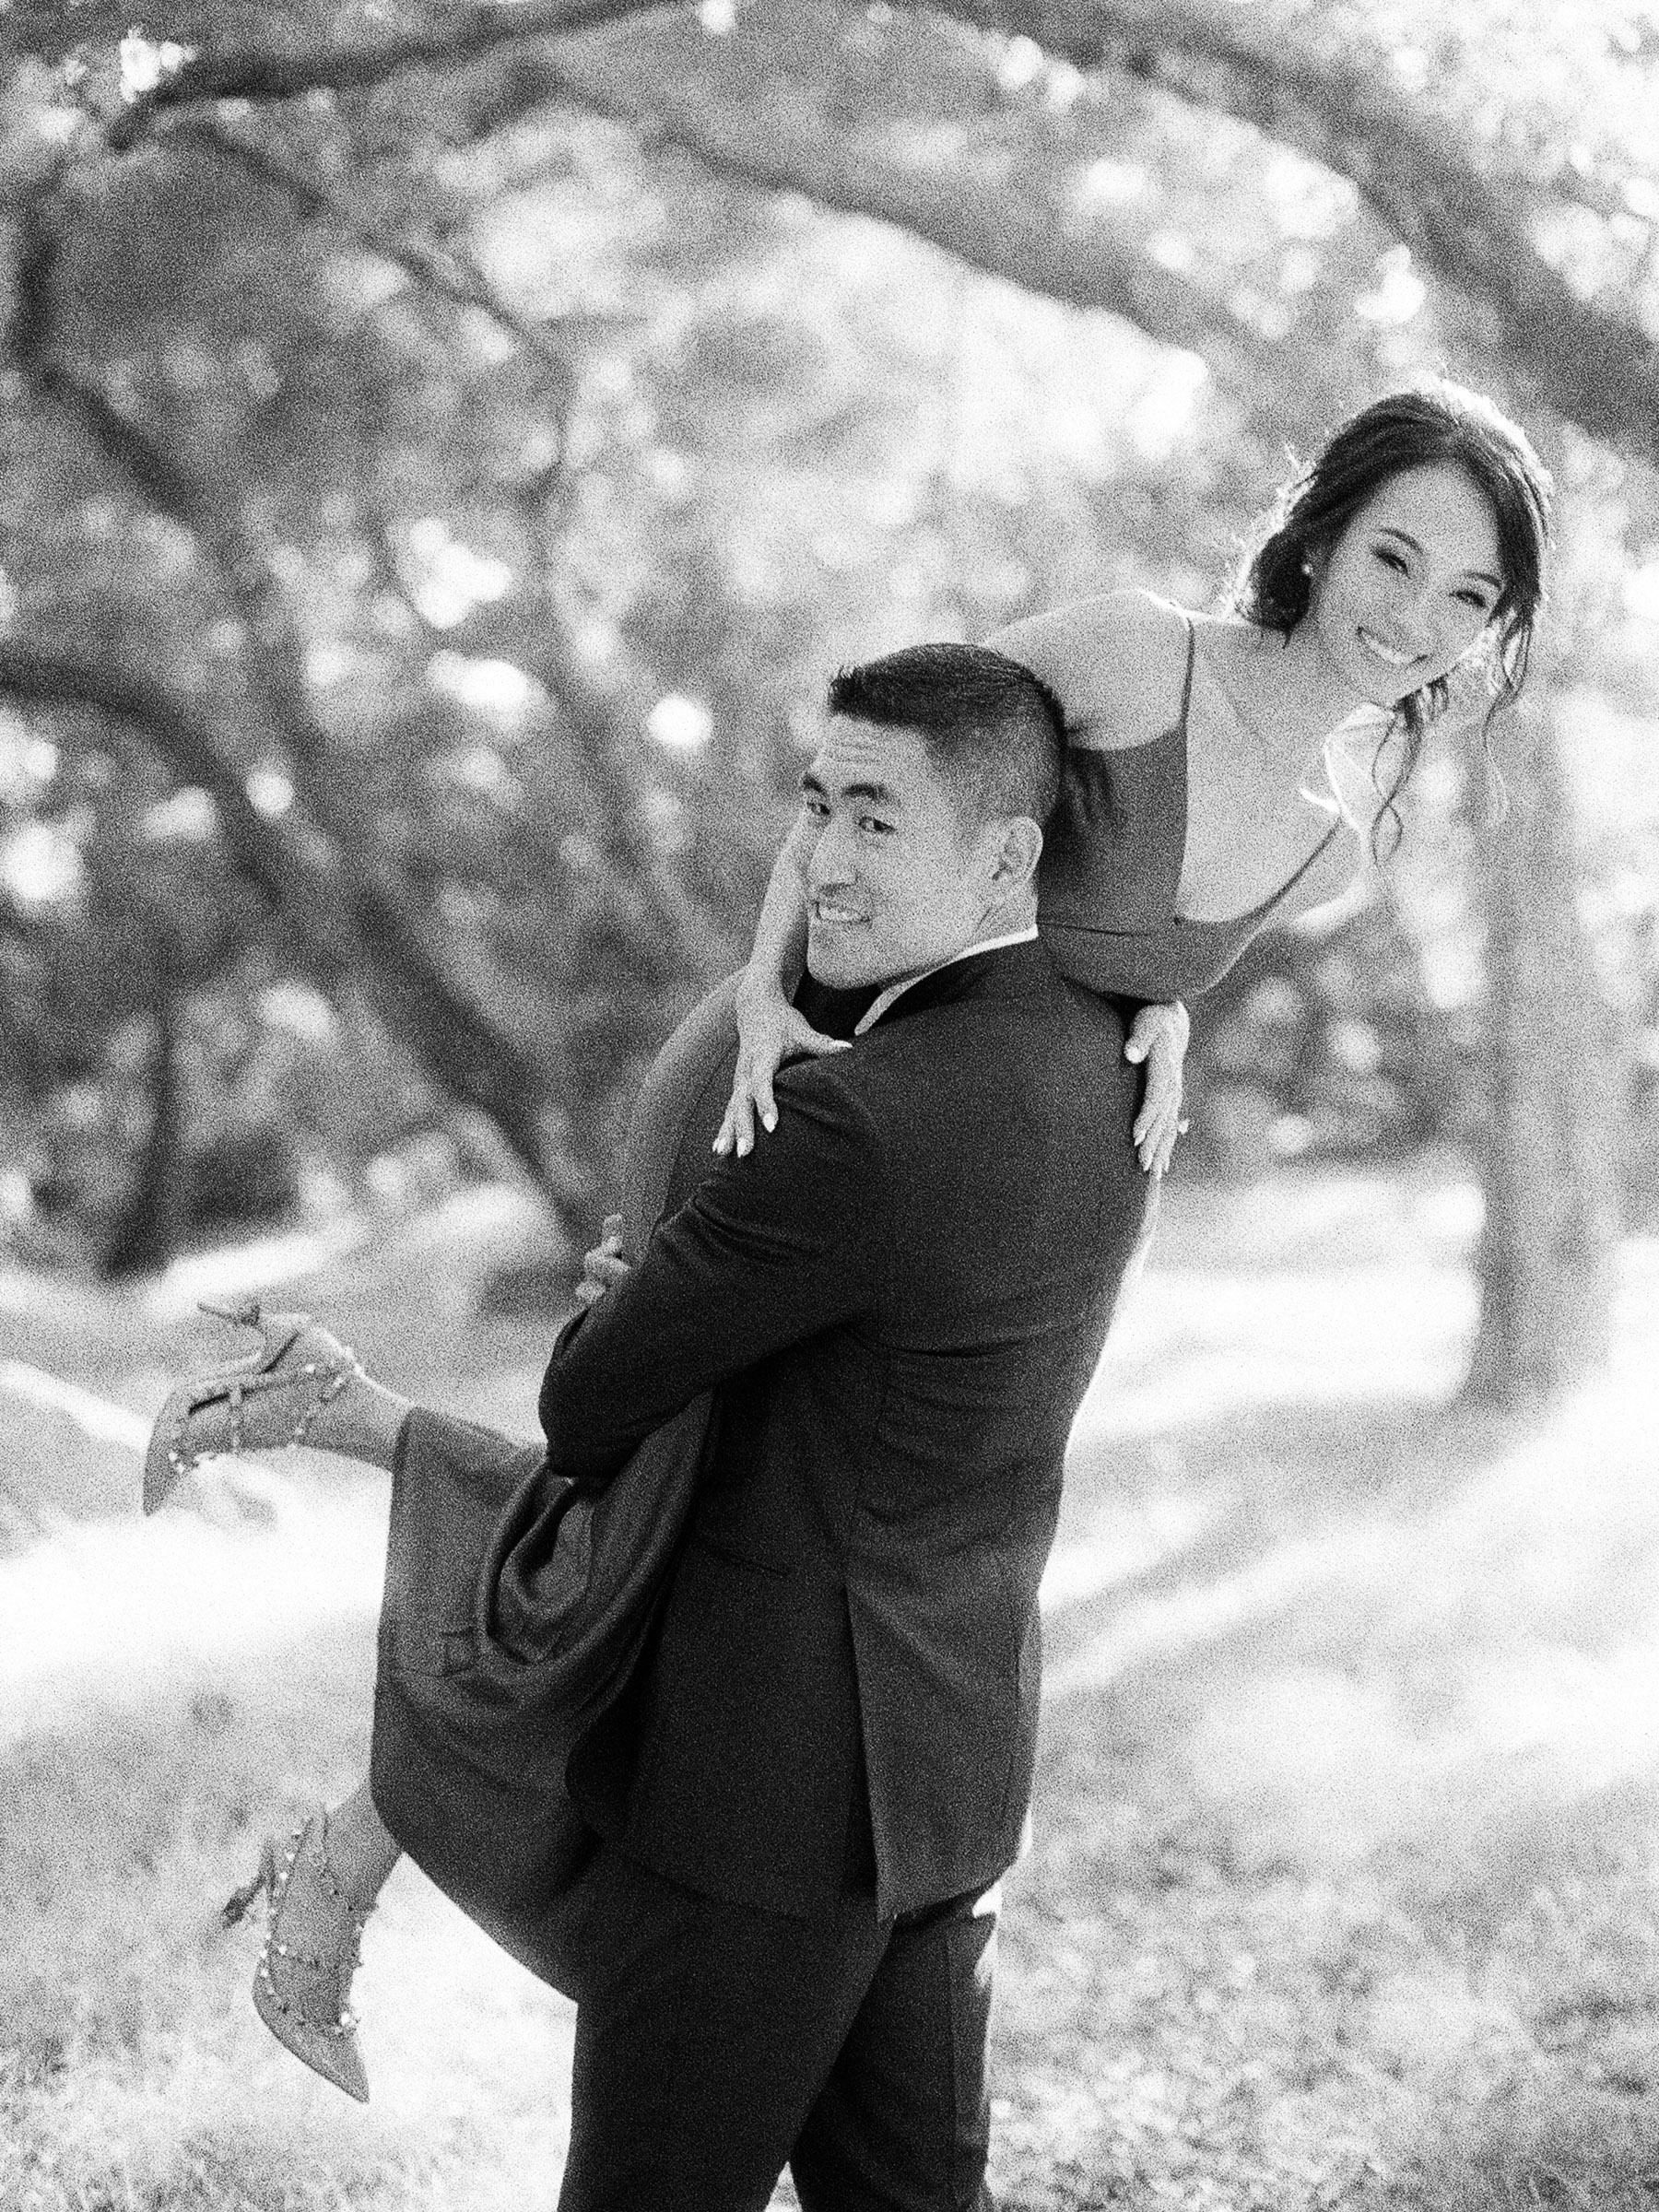 Santa-Barbara-Engagement-145-Jen-Huang-000005830012.jpg